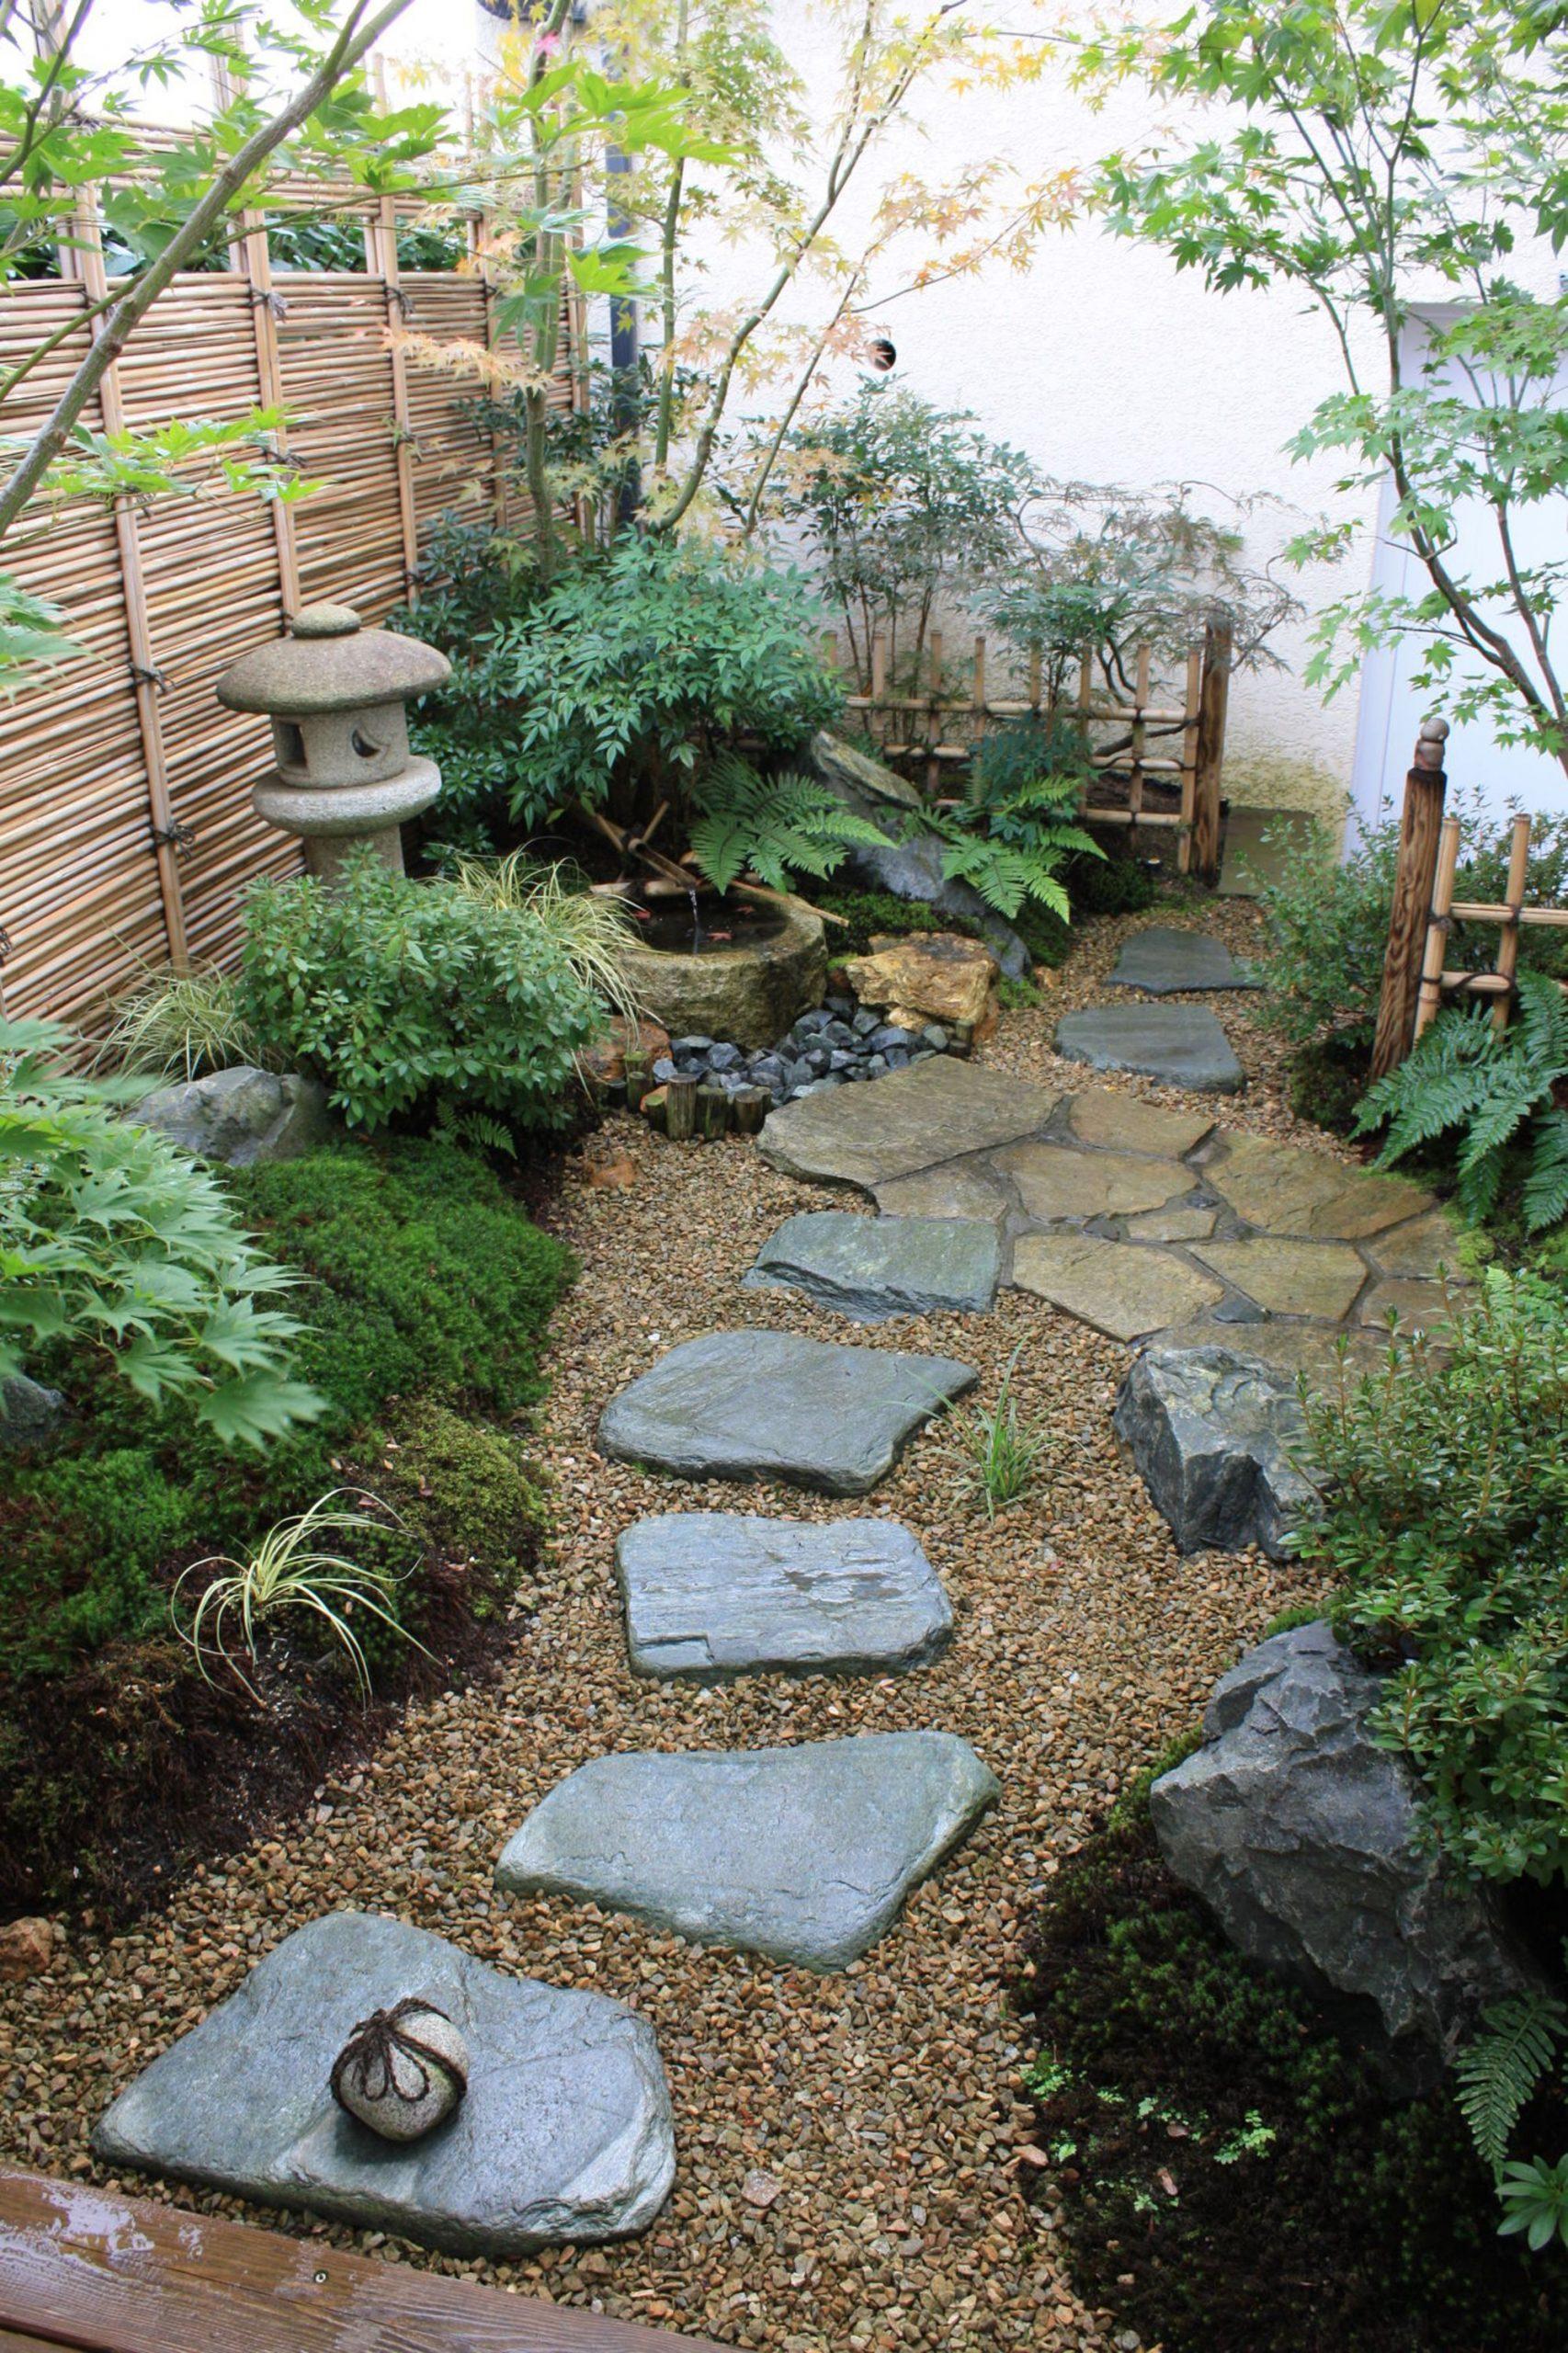 Jardin Japonais, Jardin Zen : Nos Conseils Pratiques Pour ... serapportantà Plantes Pour Jardin Japonais